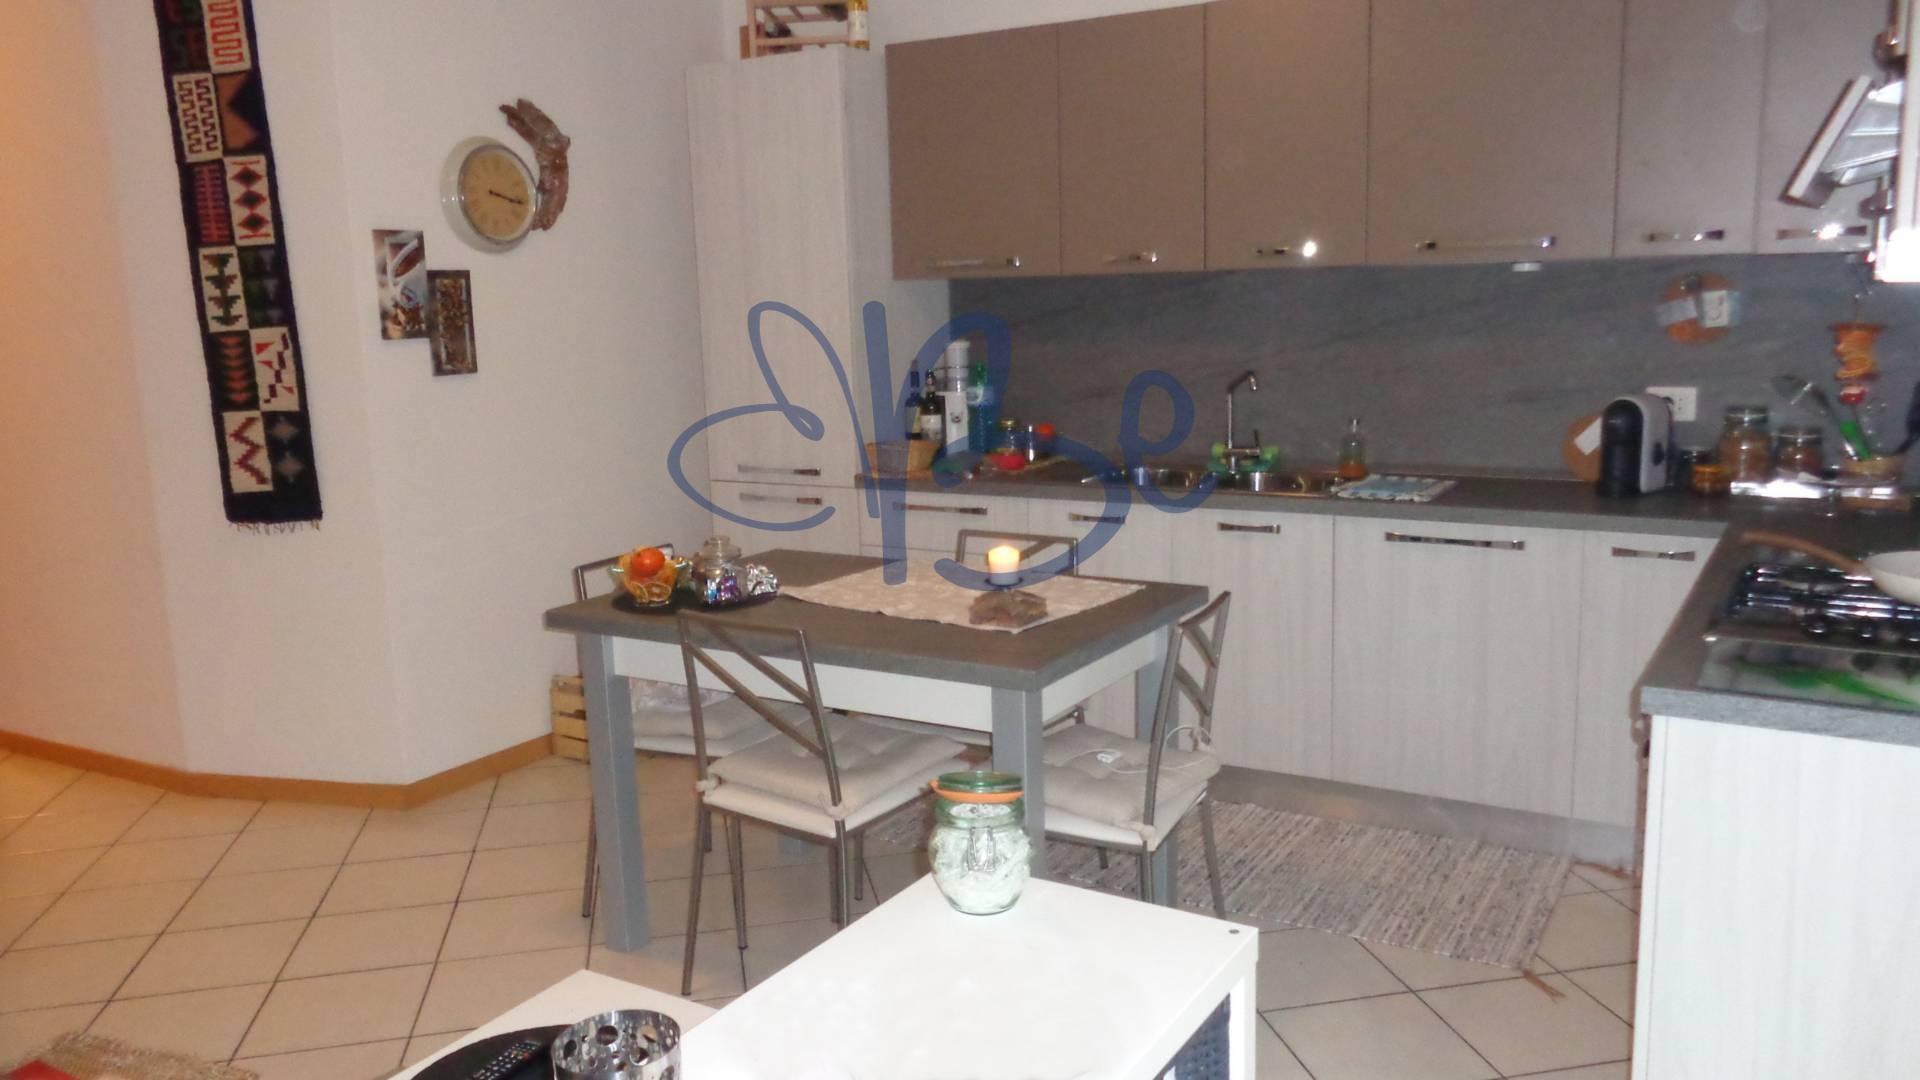 Appartamento in affitto a Salò, 2 locali, zona Zona: Villa, prezzo € 400 | Cambio Casa.it